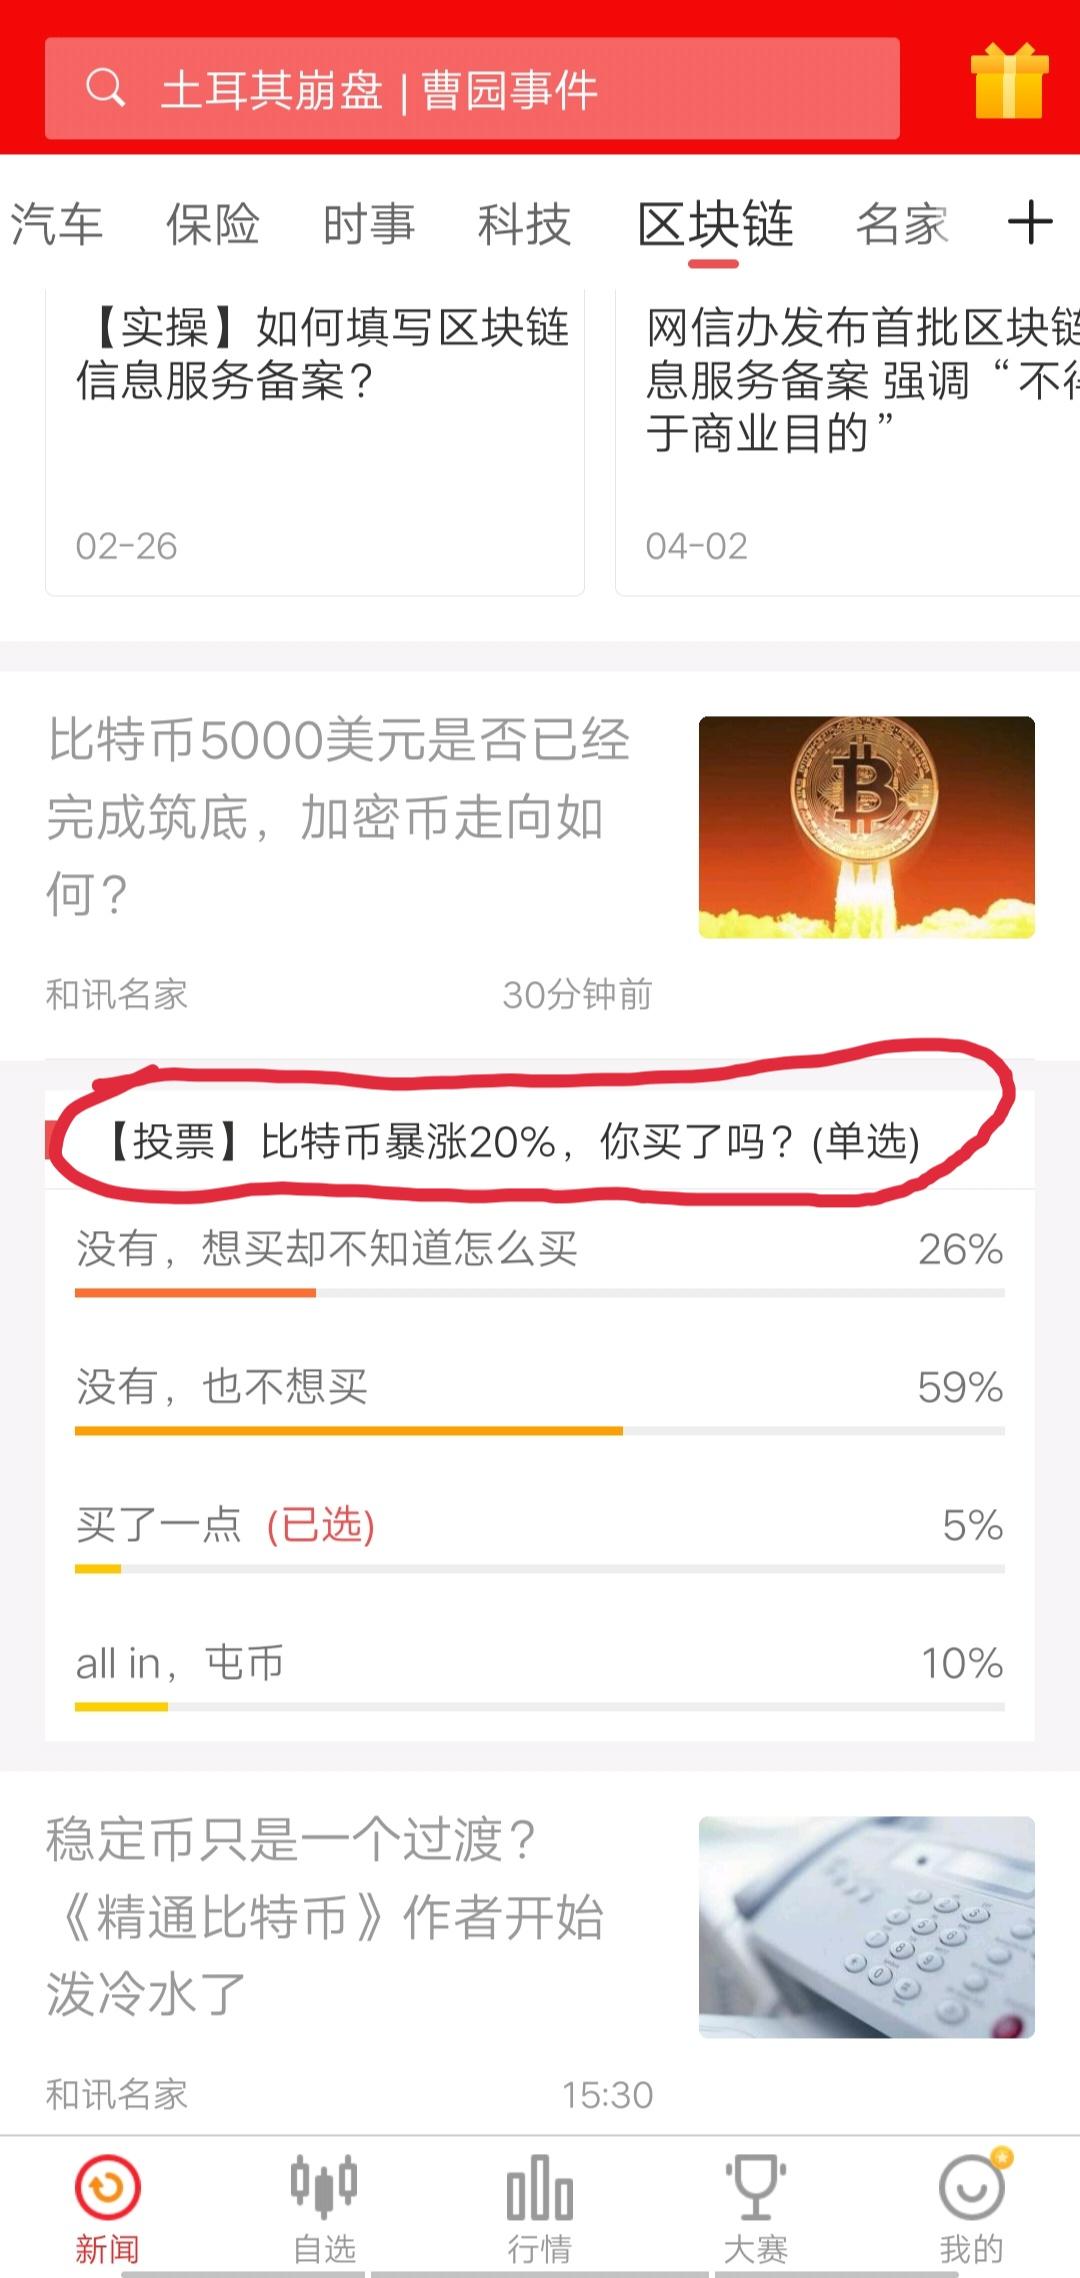 比特币调查,26%的人想投资但不知道如何投资!